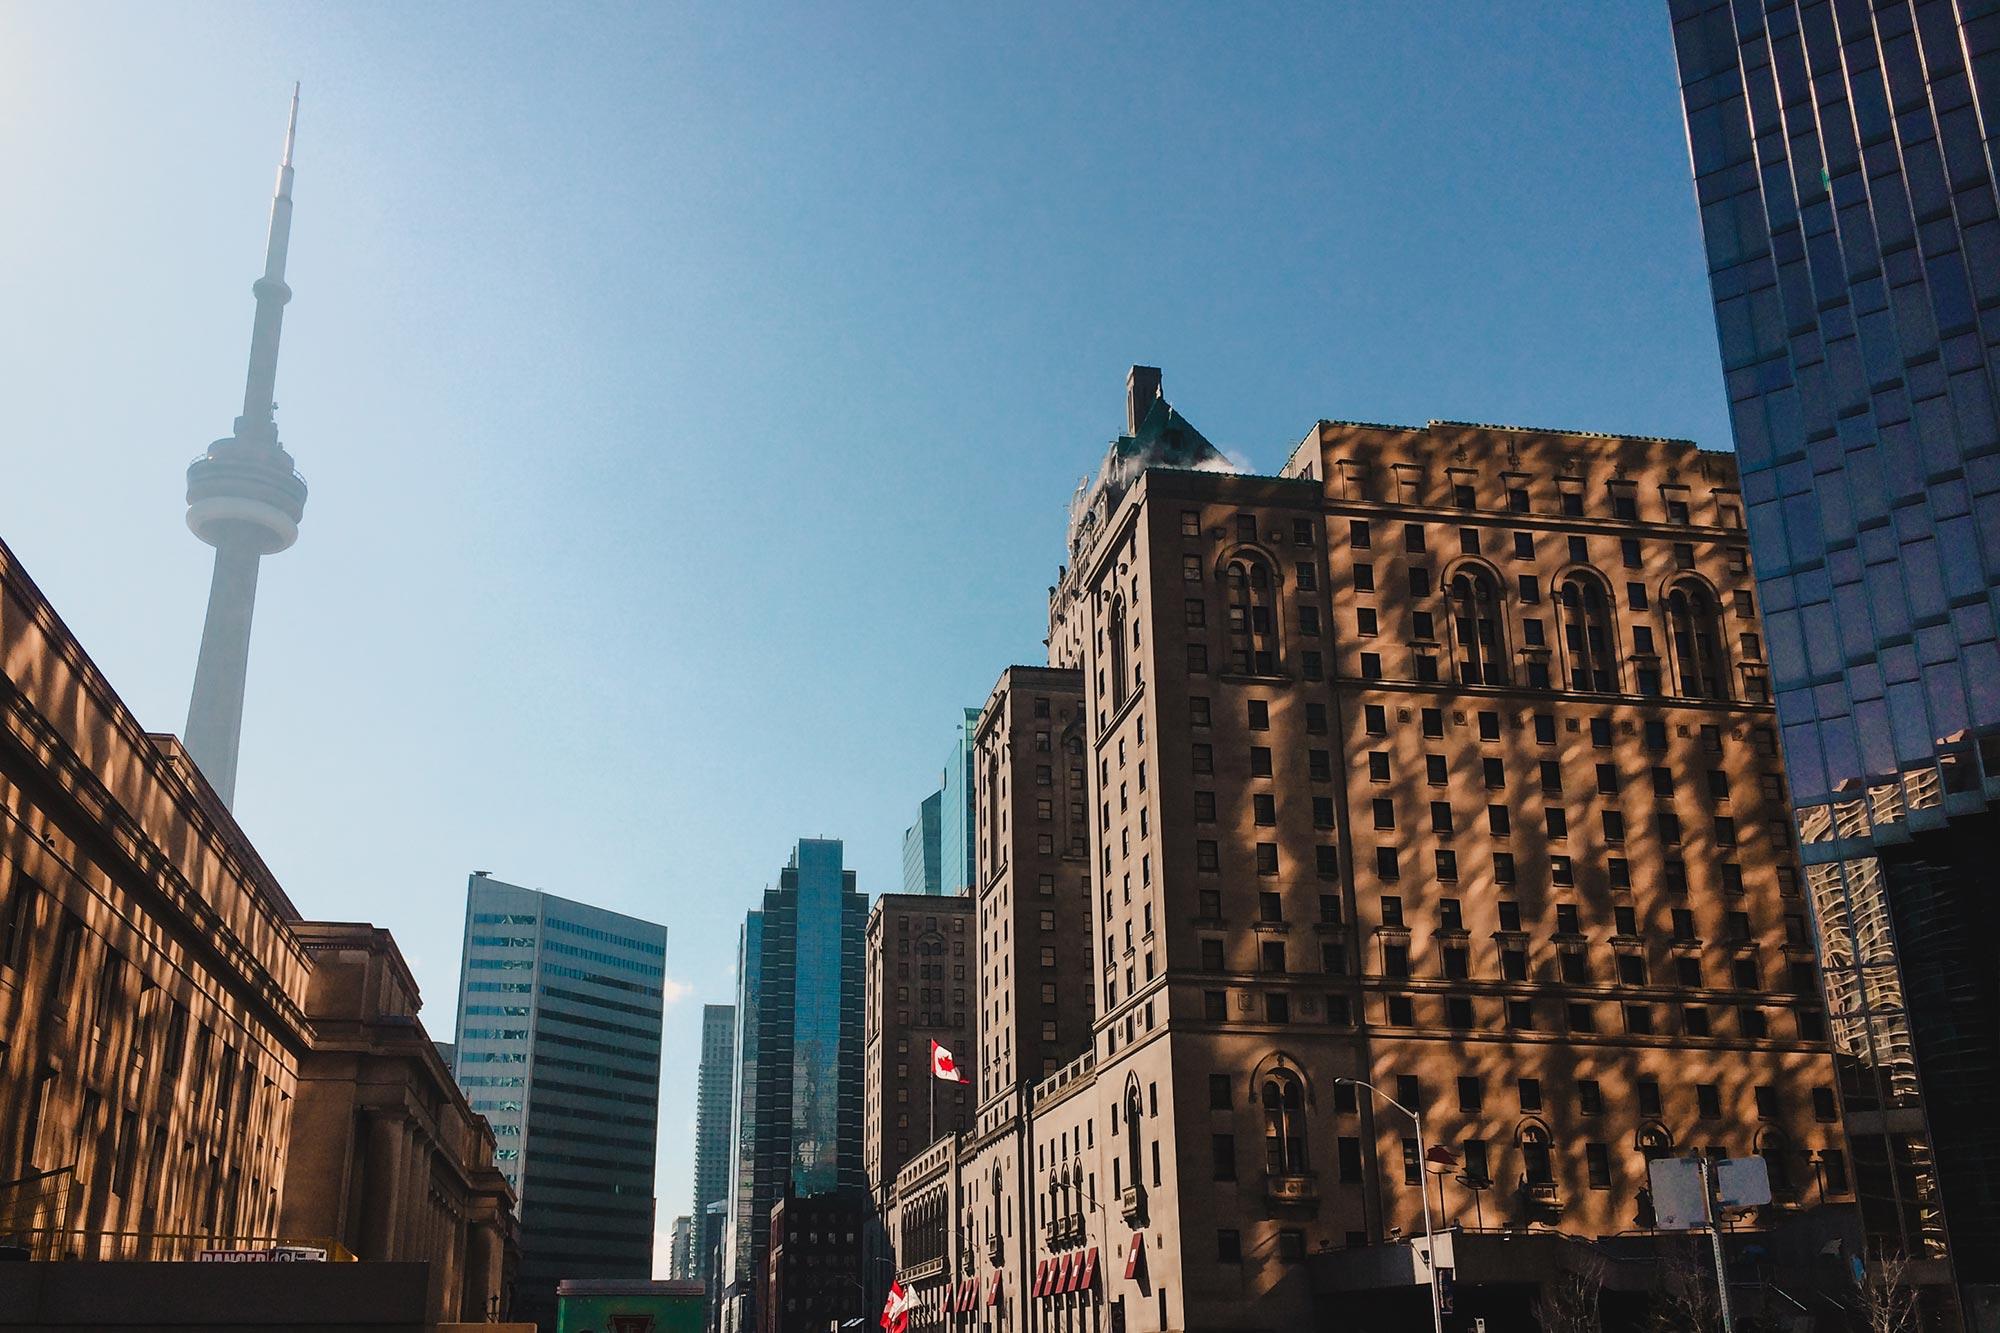 14-daagse reis naar Toronto en omgeving